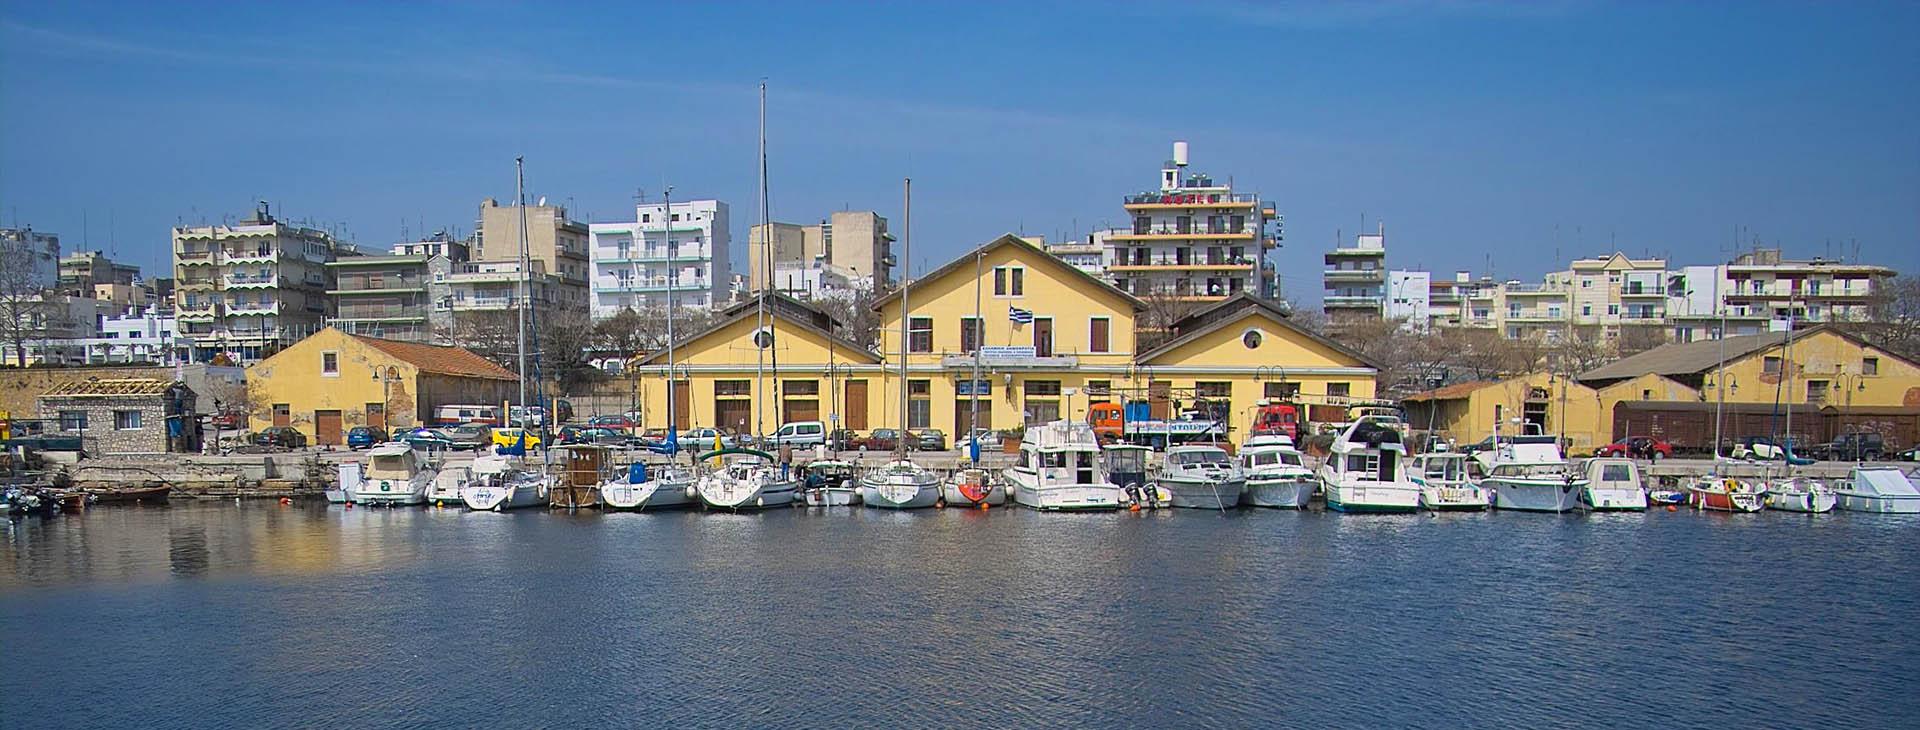 Alexandroupolis, Evros